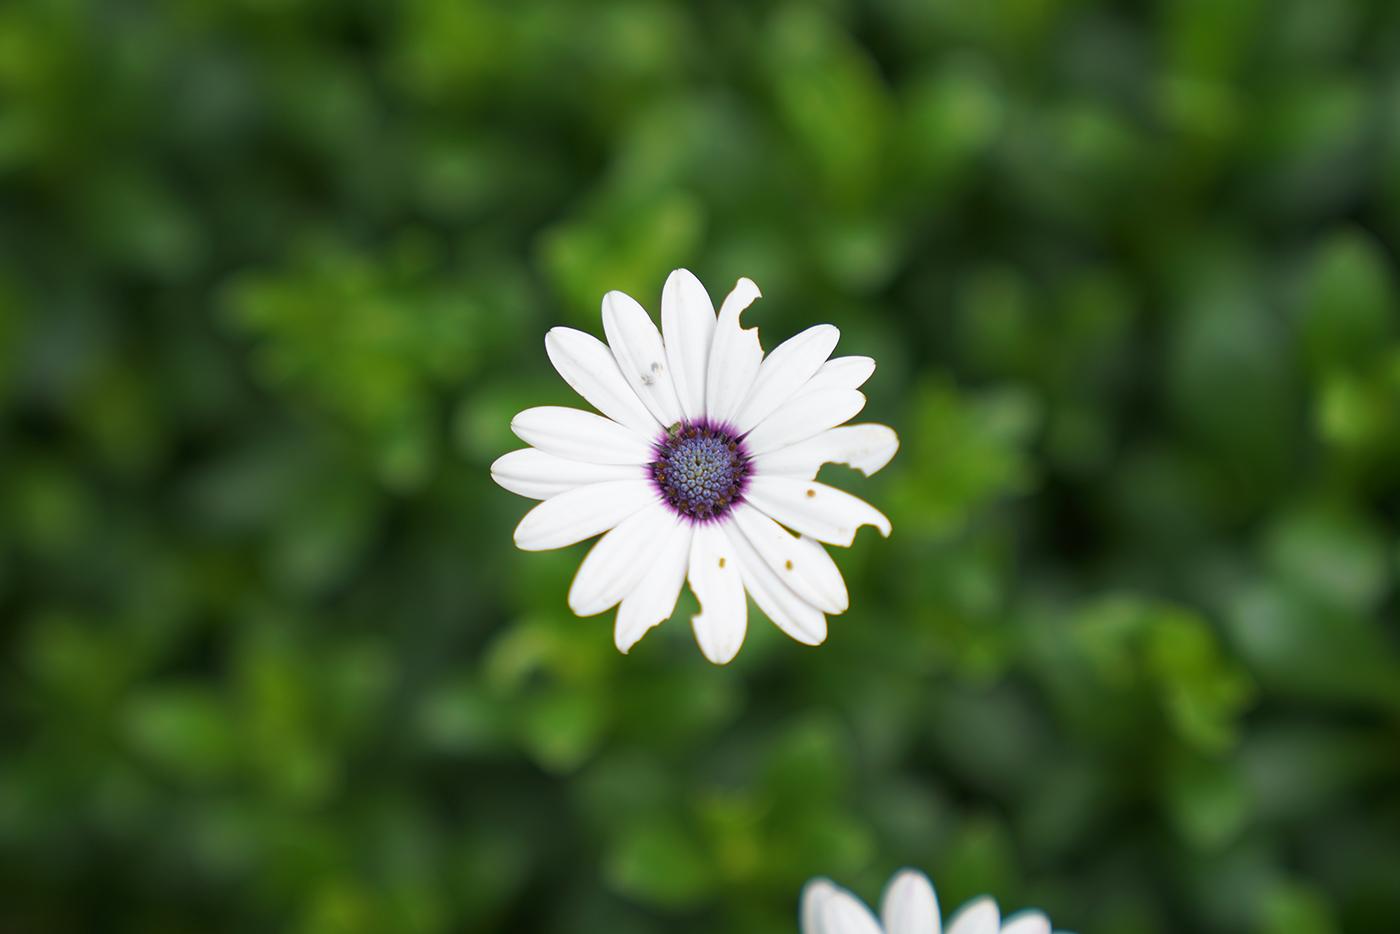 [ A9 ] A9의 Auto WB로 촬영한 무보정 리사이즈 원본 꽃 사진입니다.^^